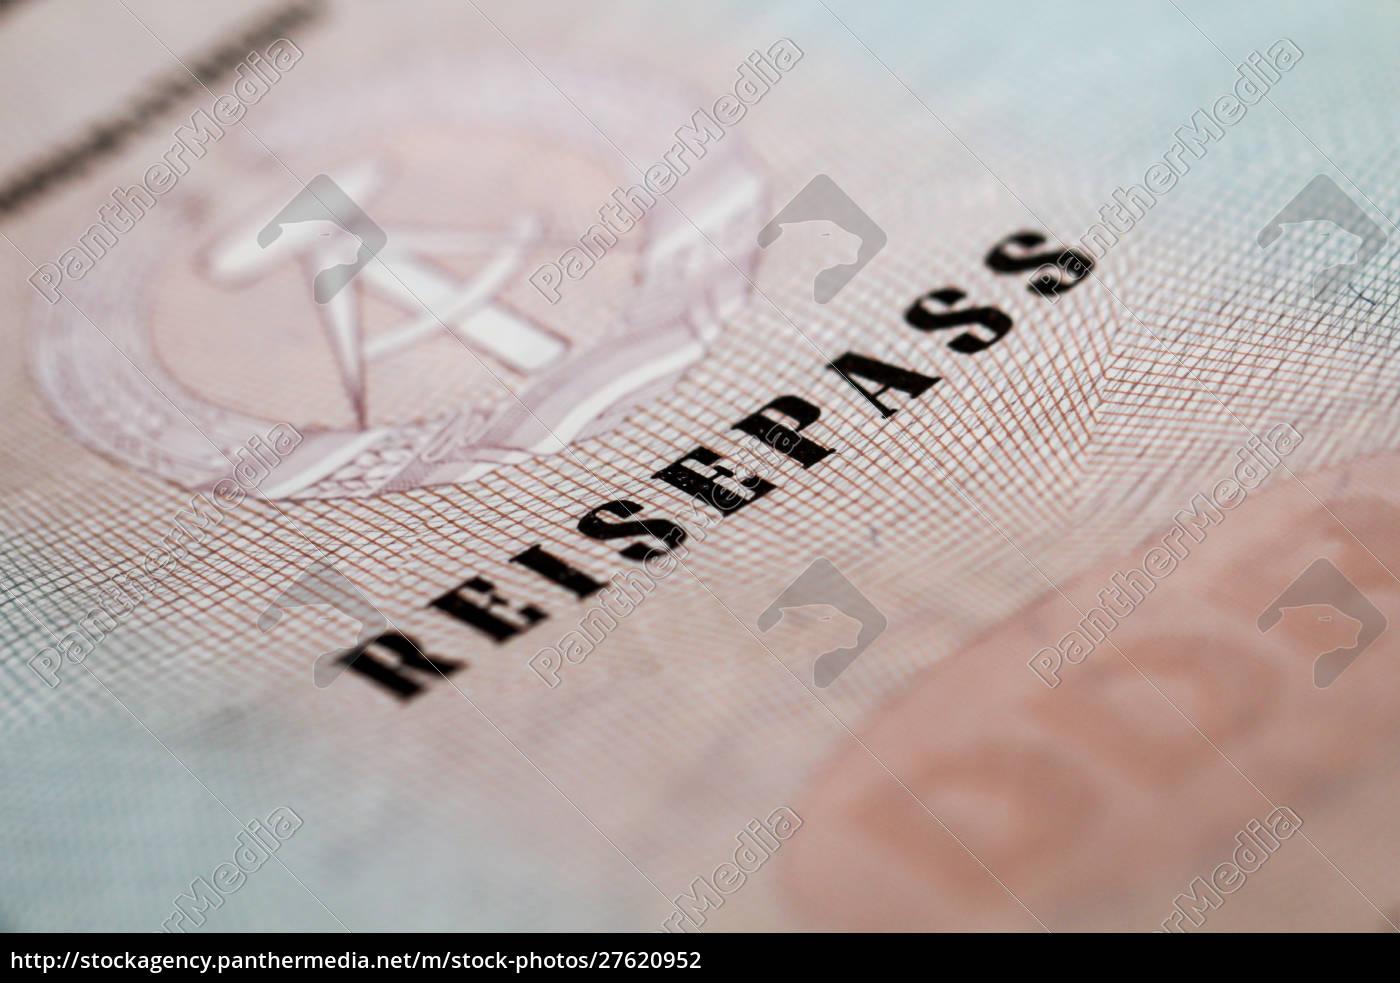 ehemaliger, reisepass, der, ddr, reisepass, reisedokumente - 27620952